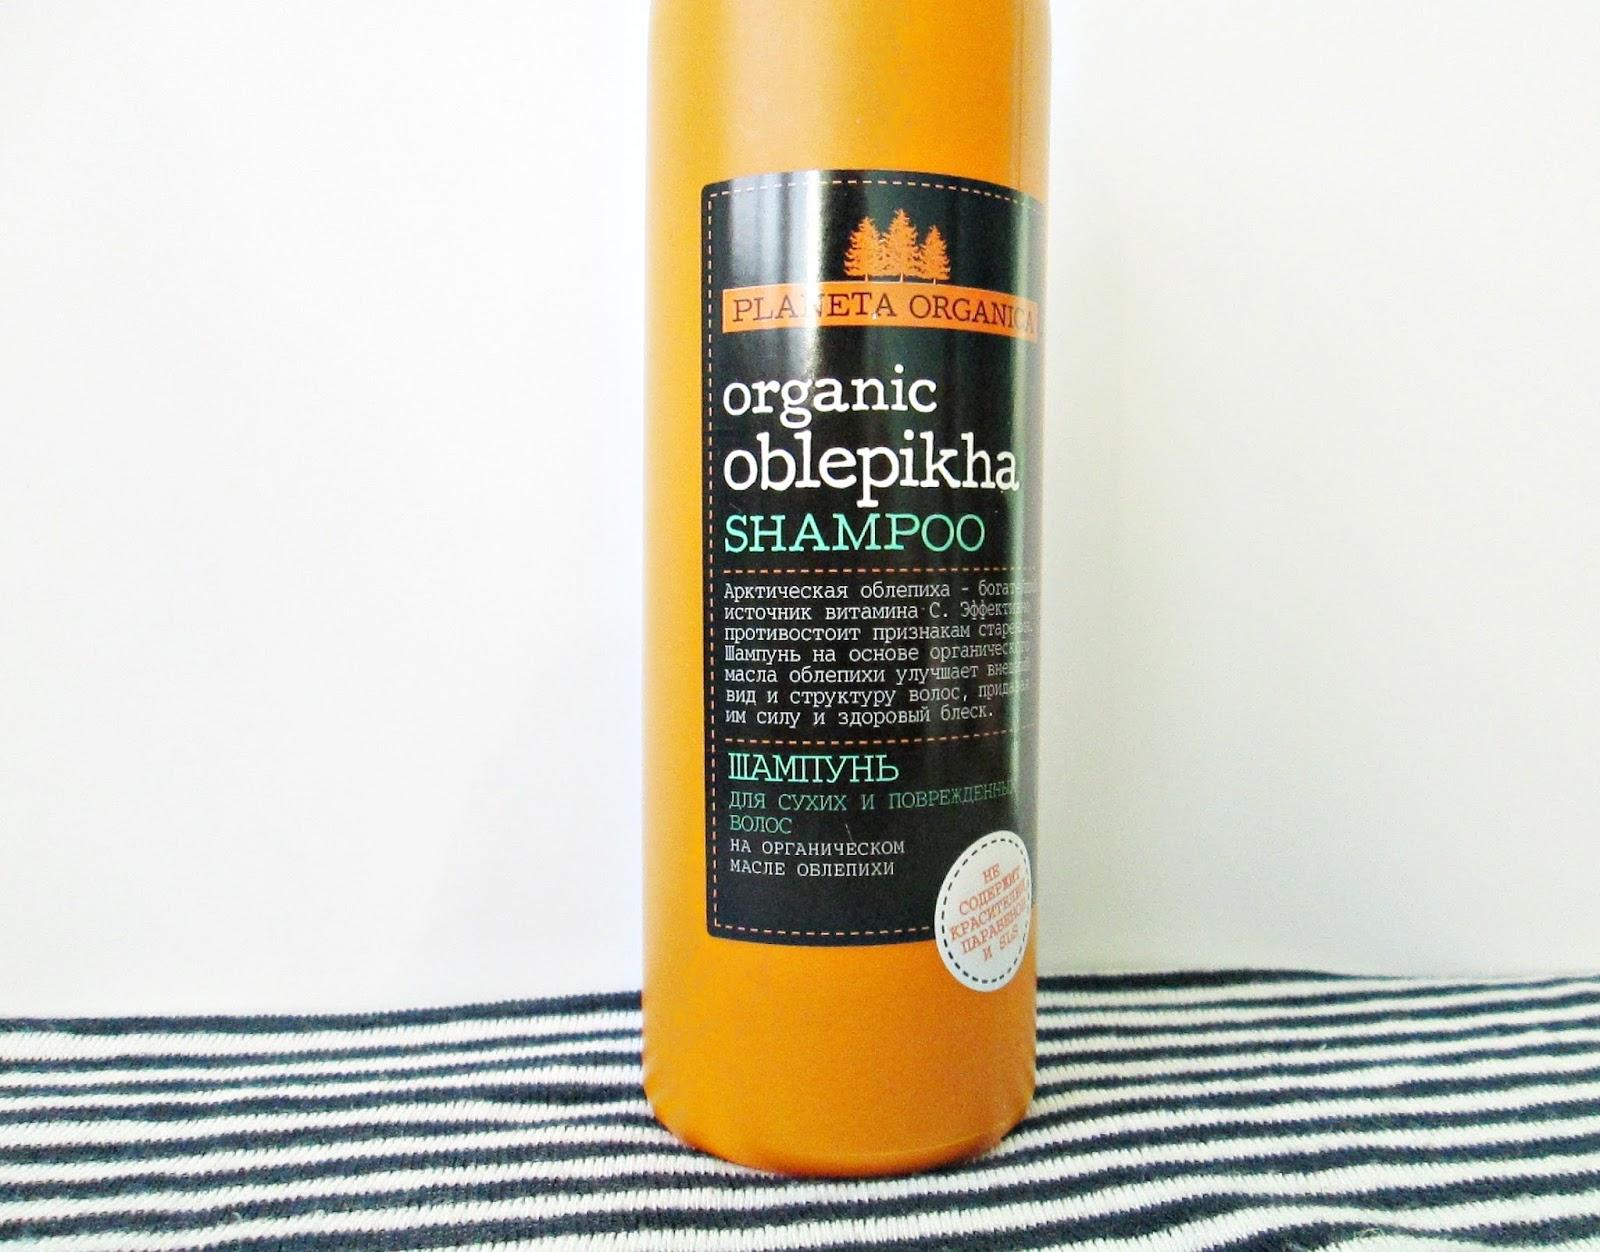 Planeta Organica szampon z rokitnikiem